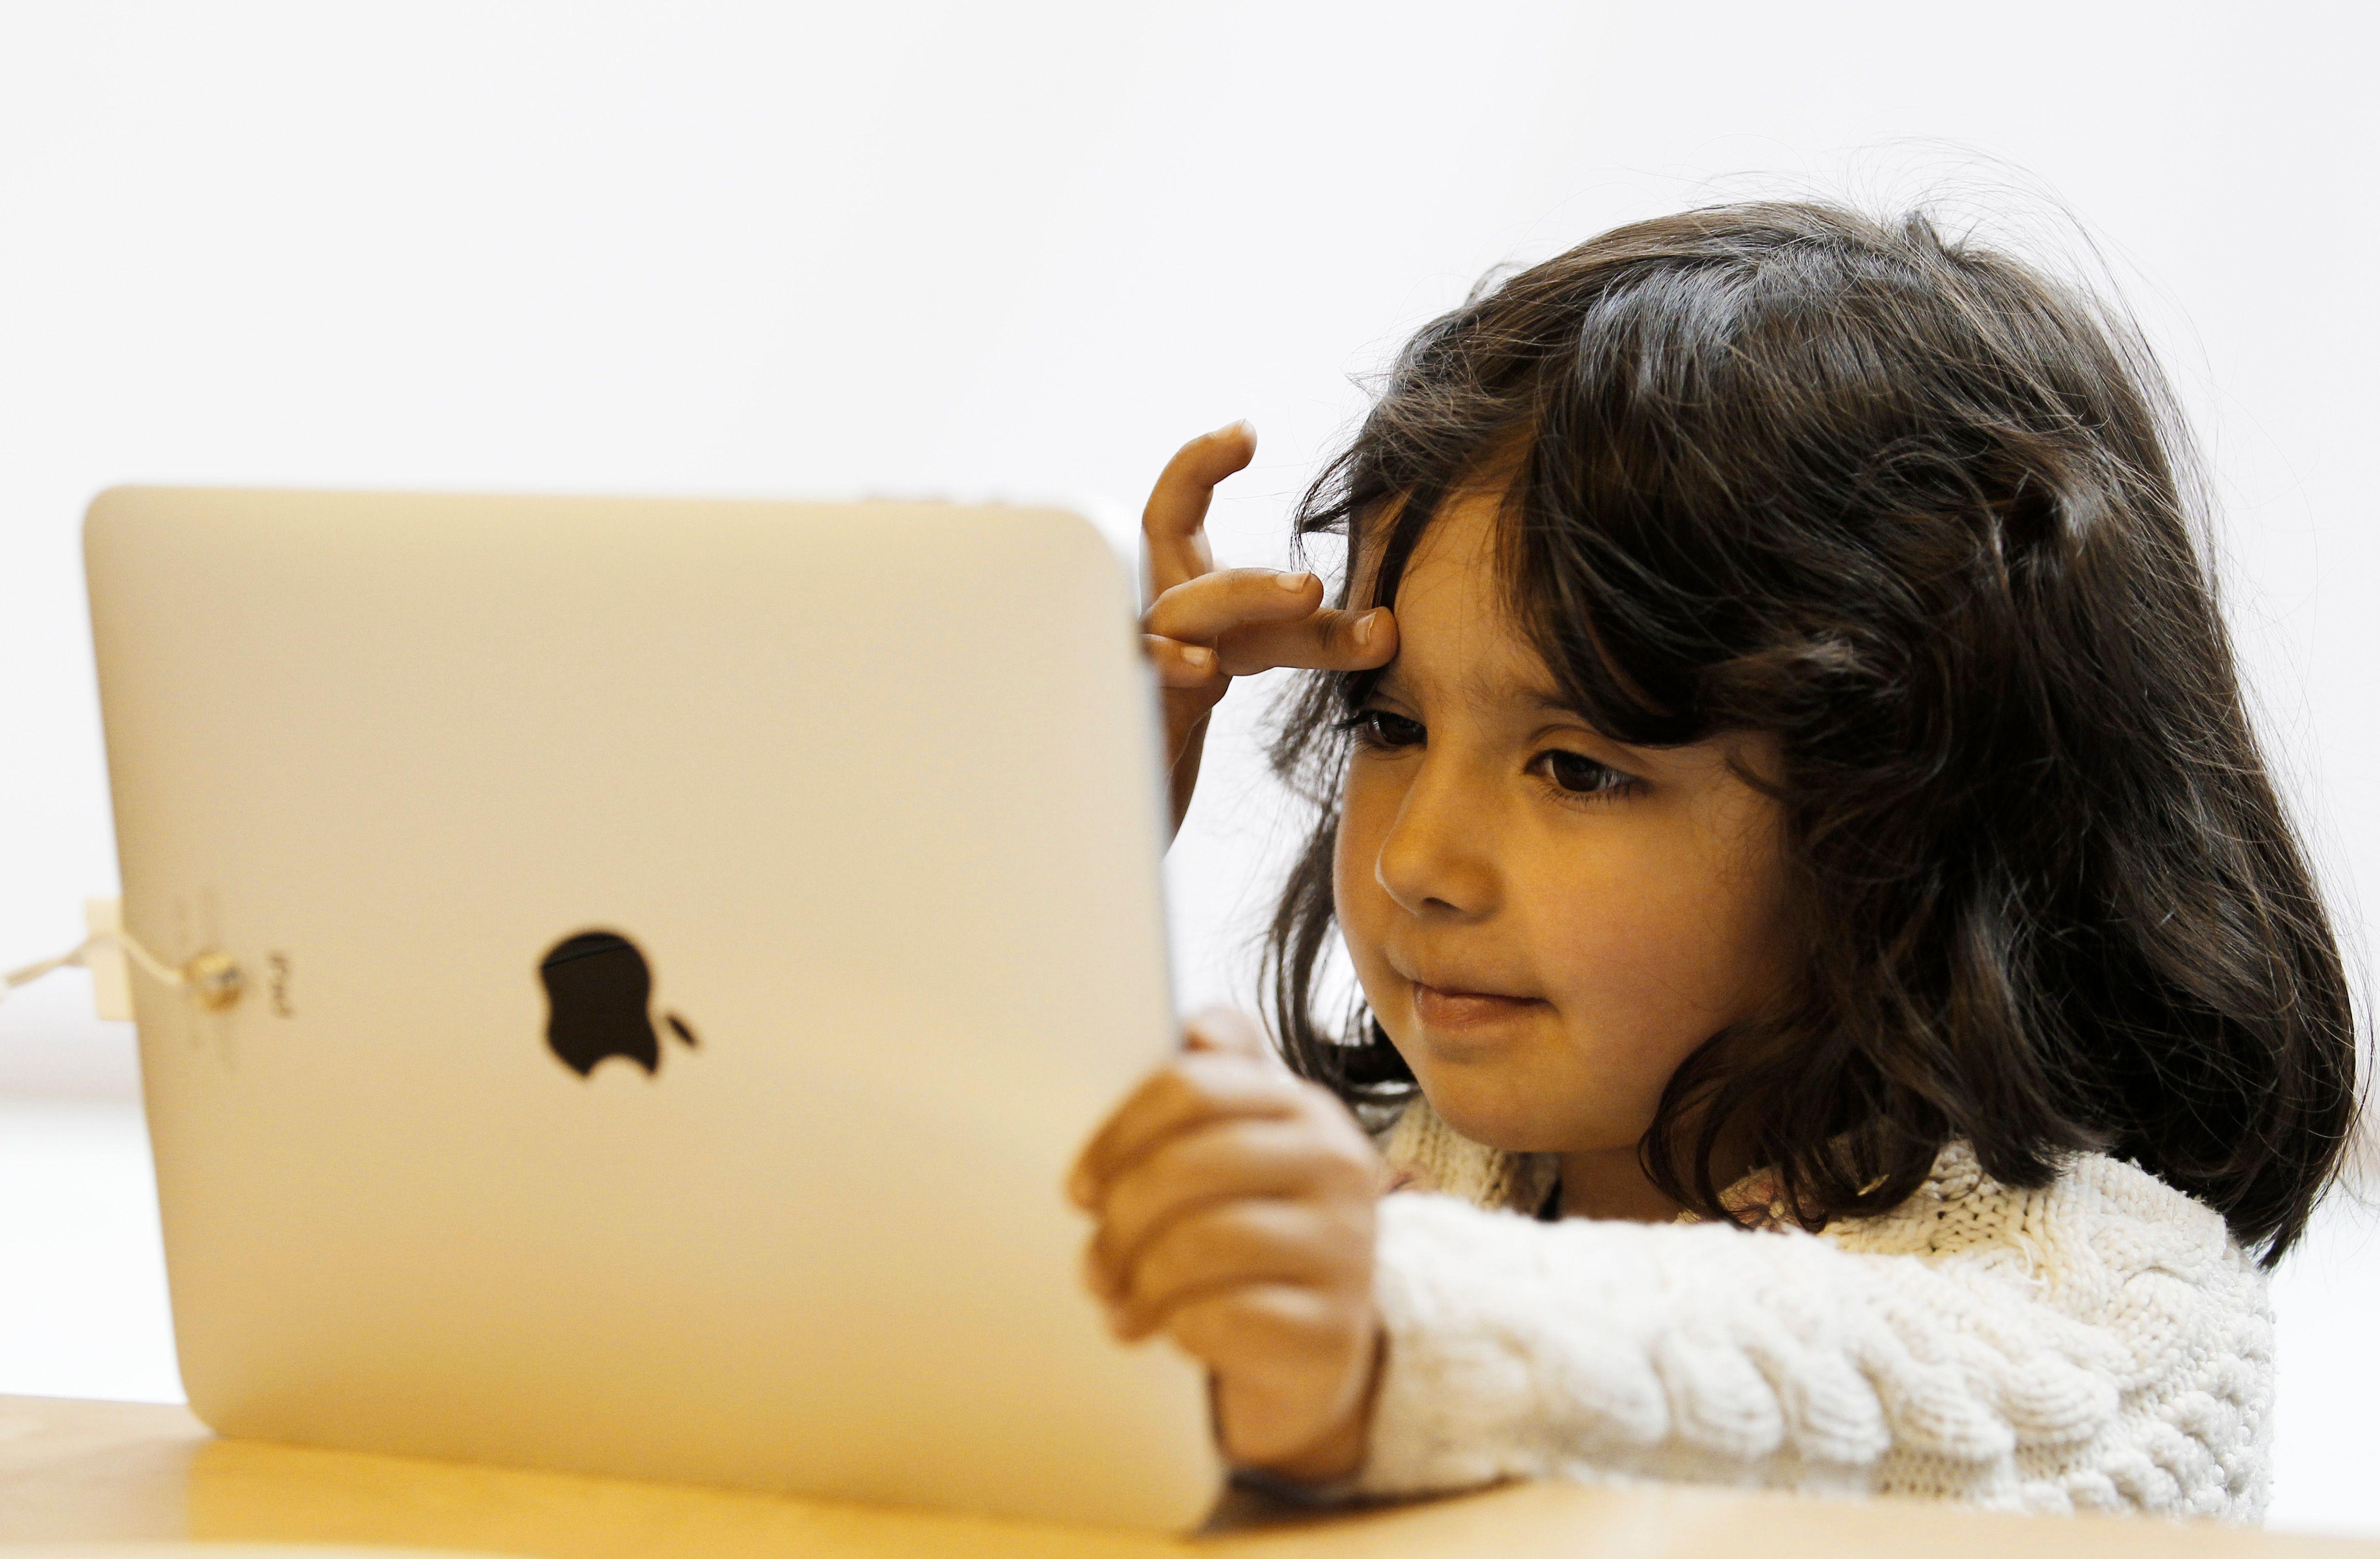 De nombreux pays ont commencé à équiper leurs écoles d'outils pédagogiques numériques.